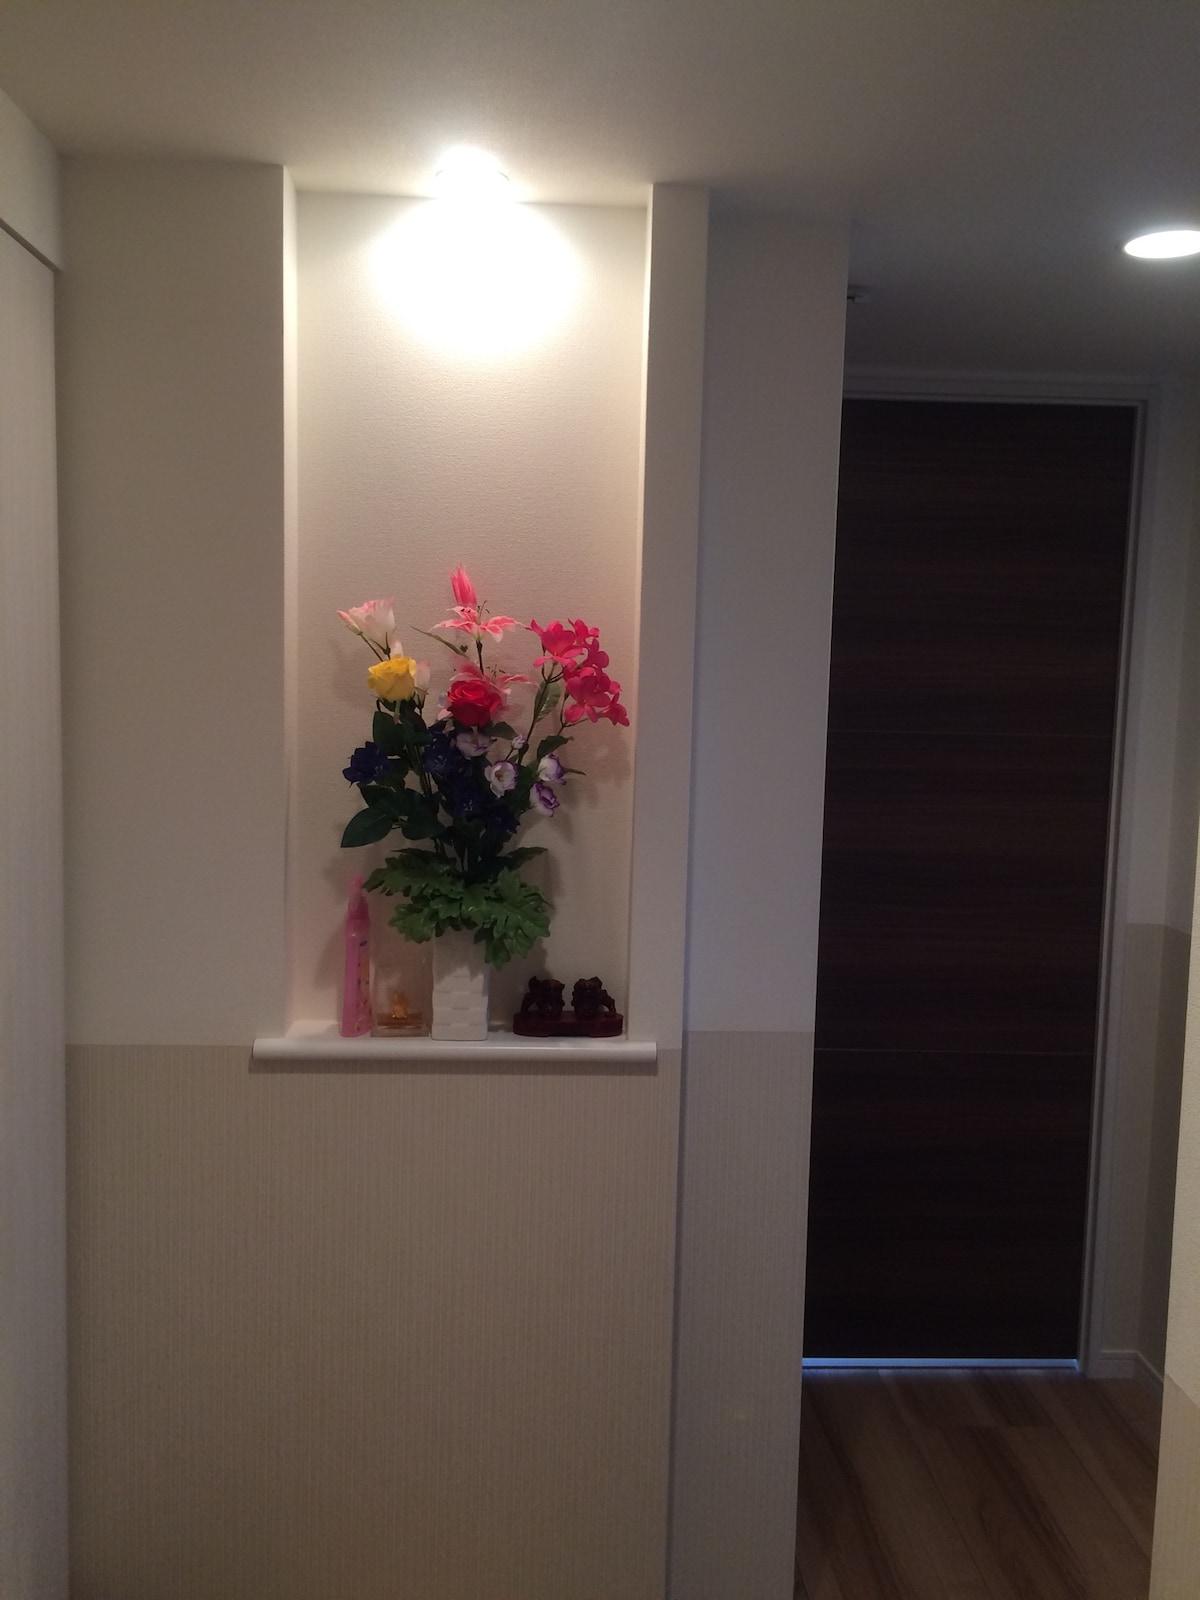 東京都内へアクセス良い場所。個別の部屋で素敵な景色を見られます。